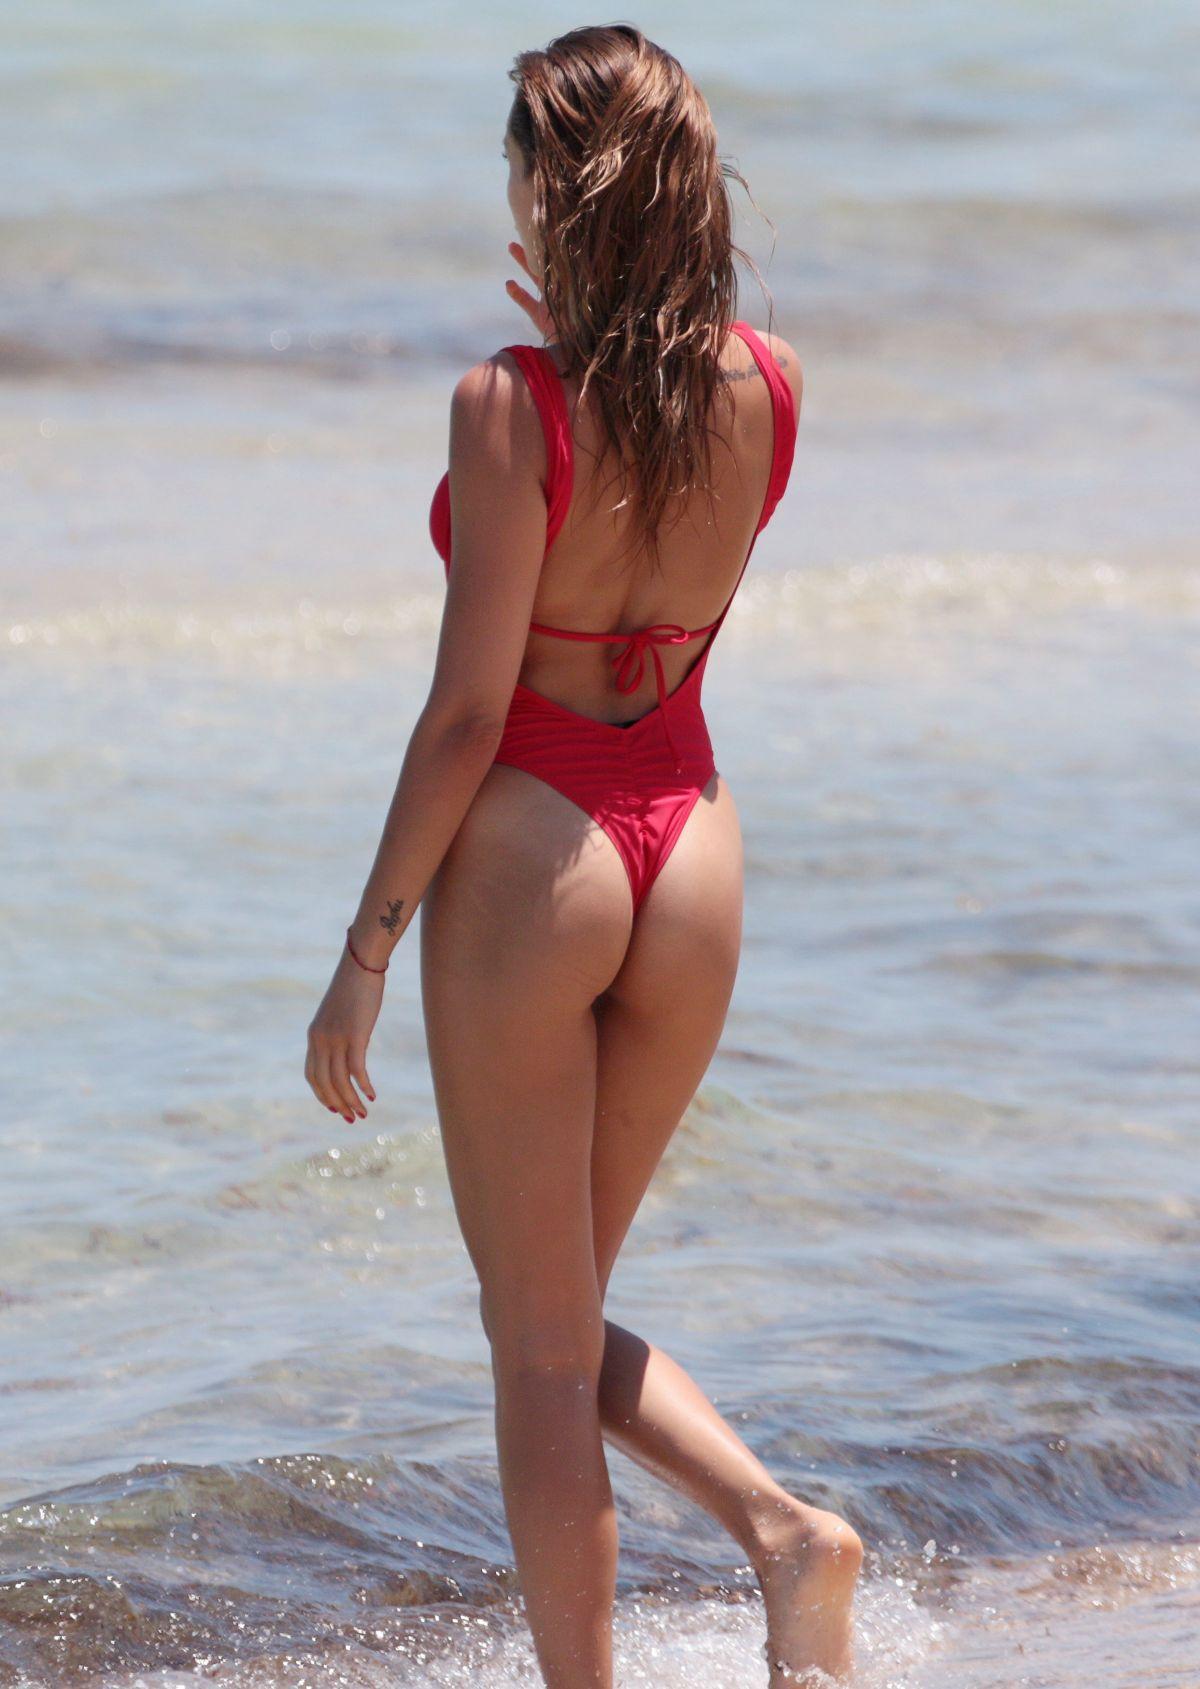 Sideboobs Ashley Blankenship nude (43 photo), Sexy, Sideboobs, Twitter, butt 2017